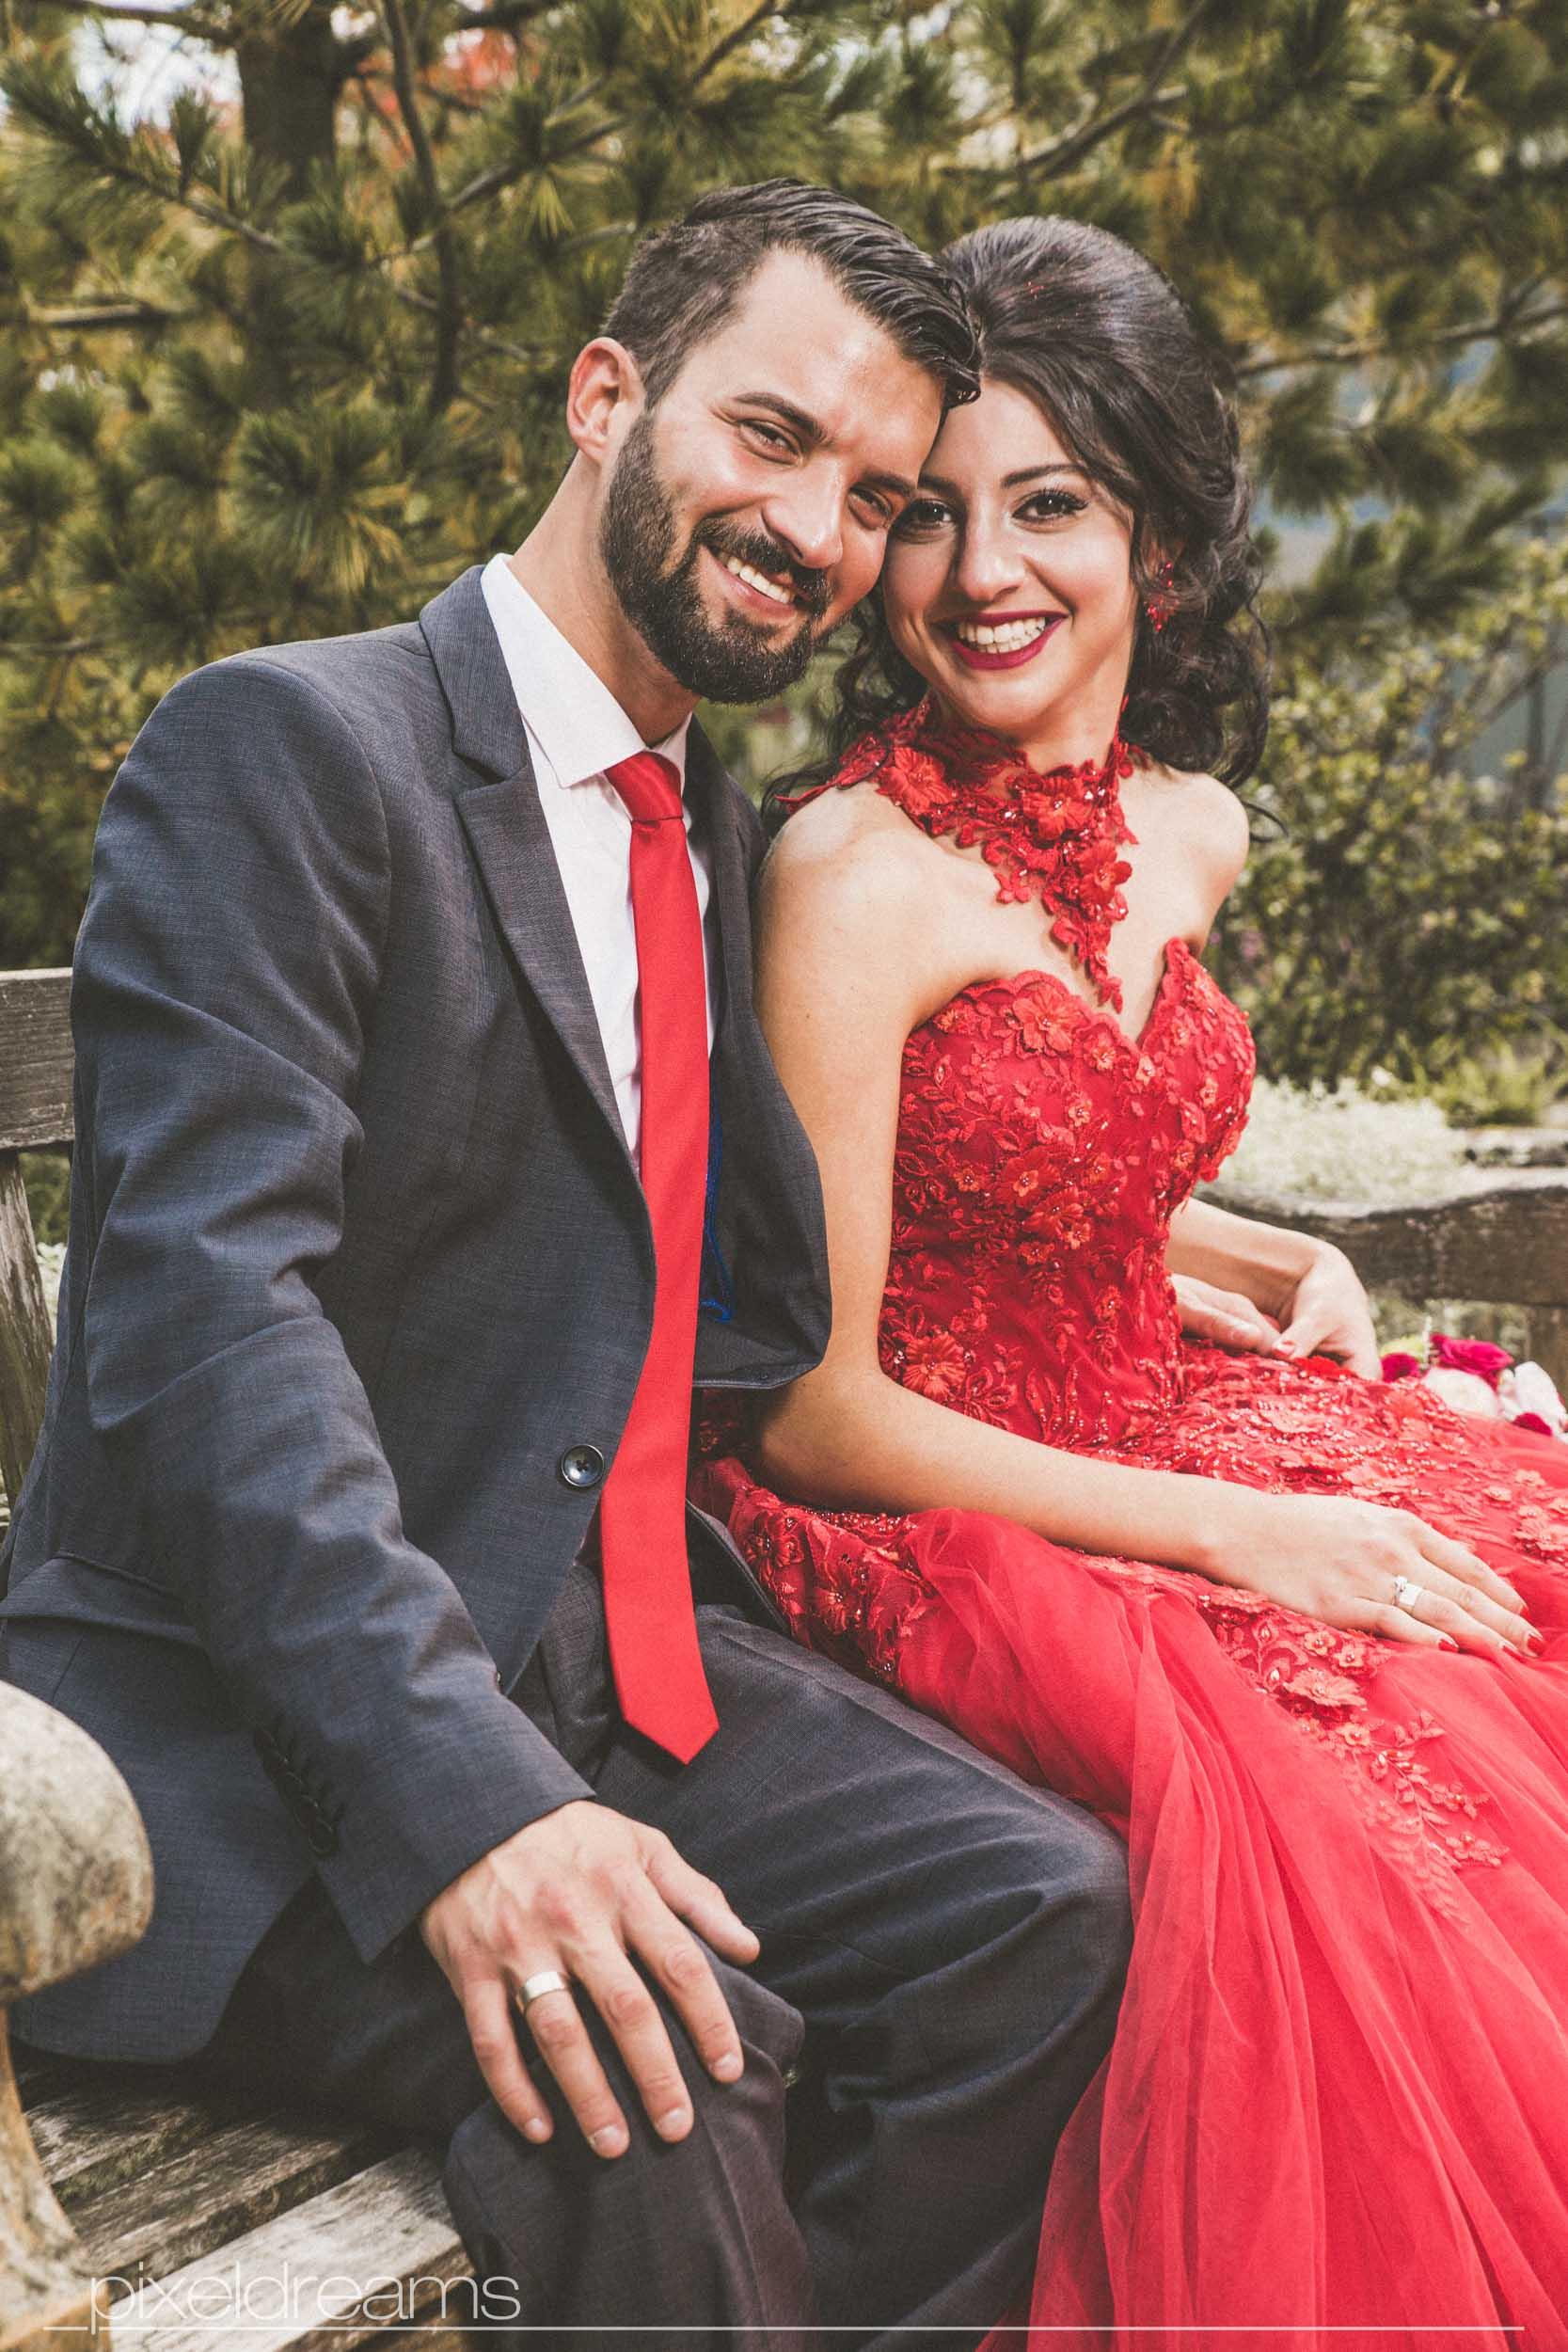 11 Unterschiede zwischen der Datierung einer Frau